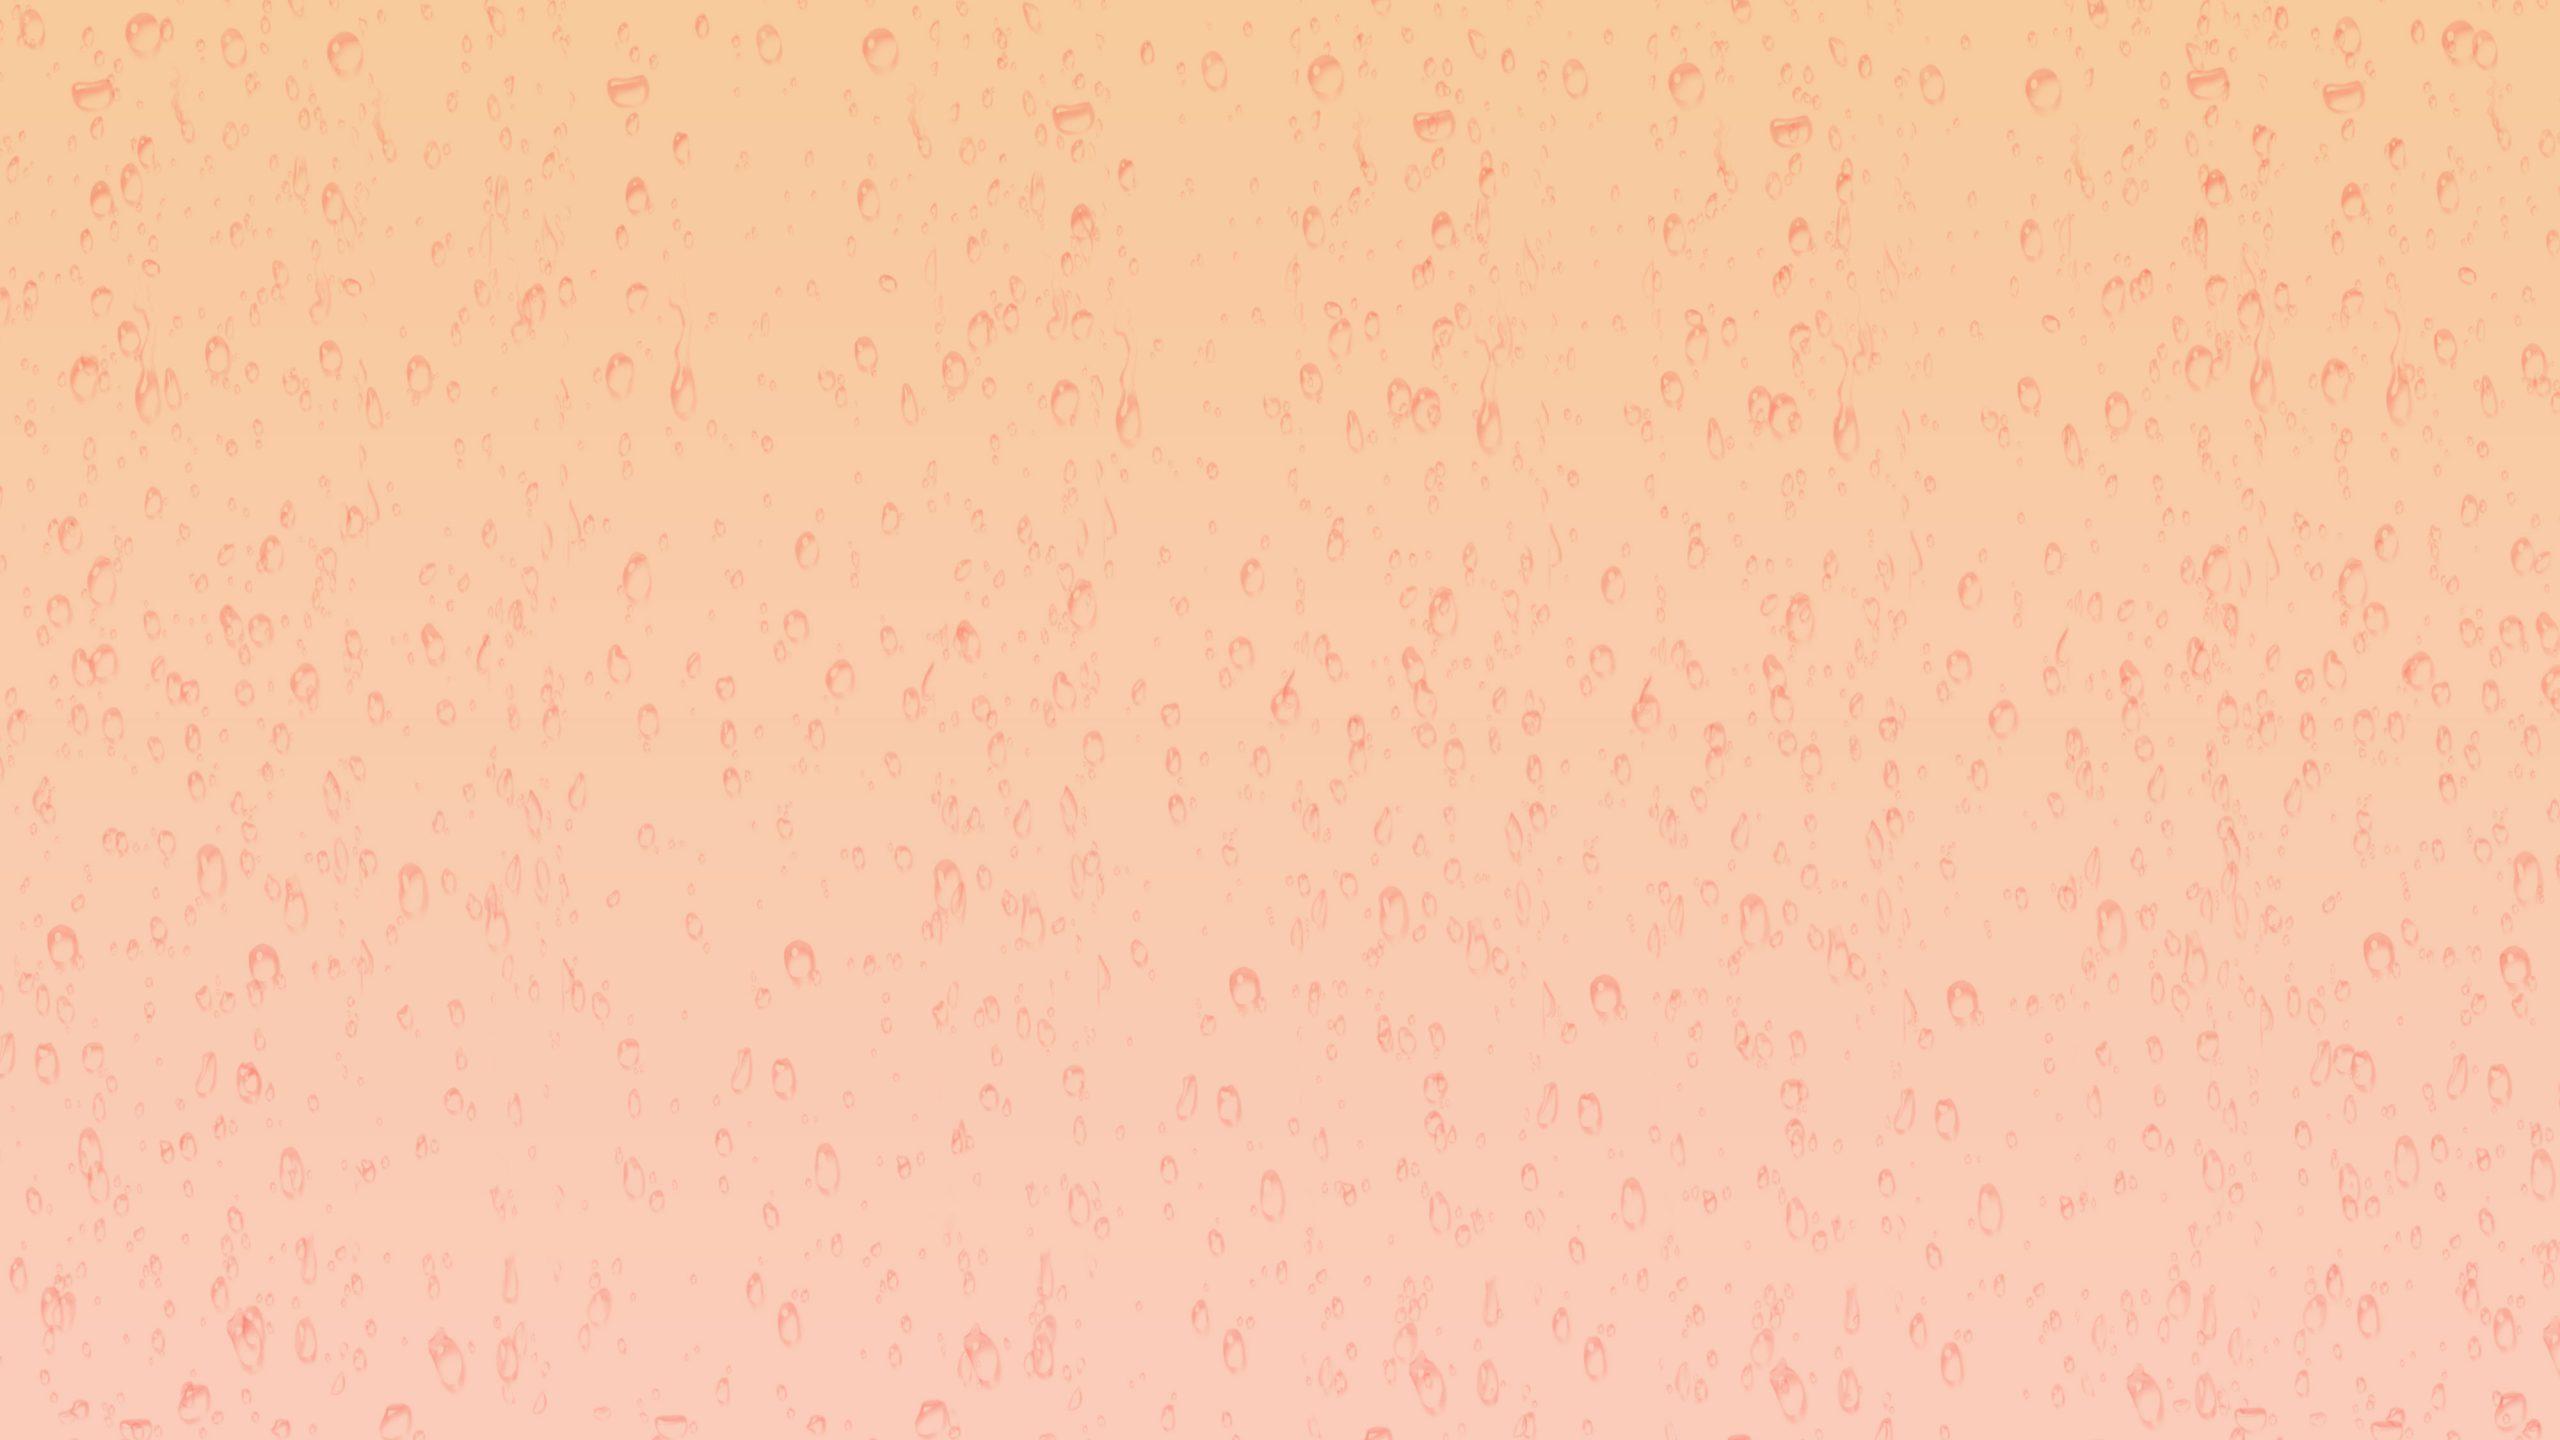 Amber color of a wallpaper